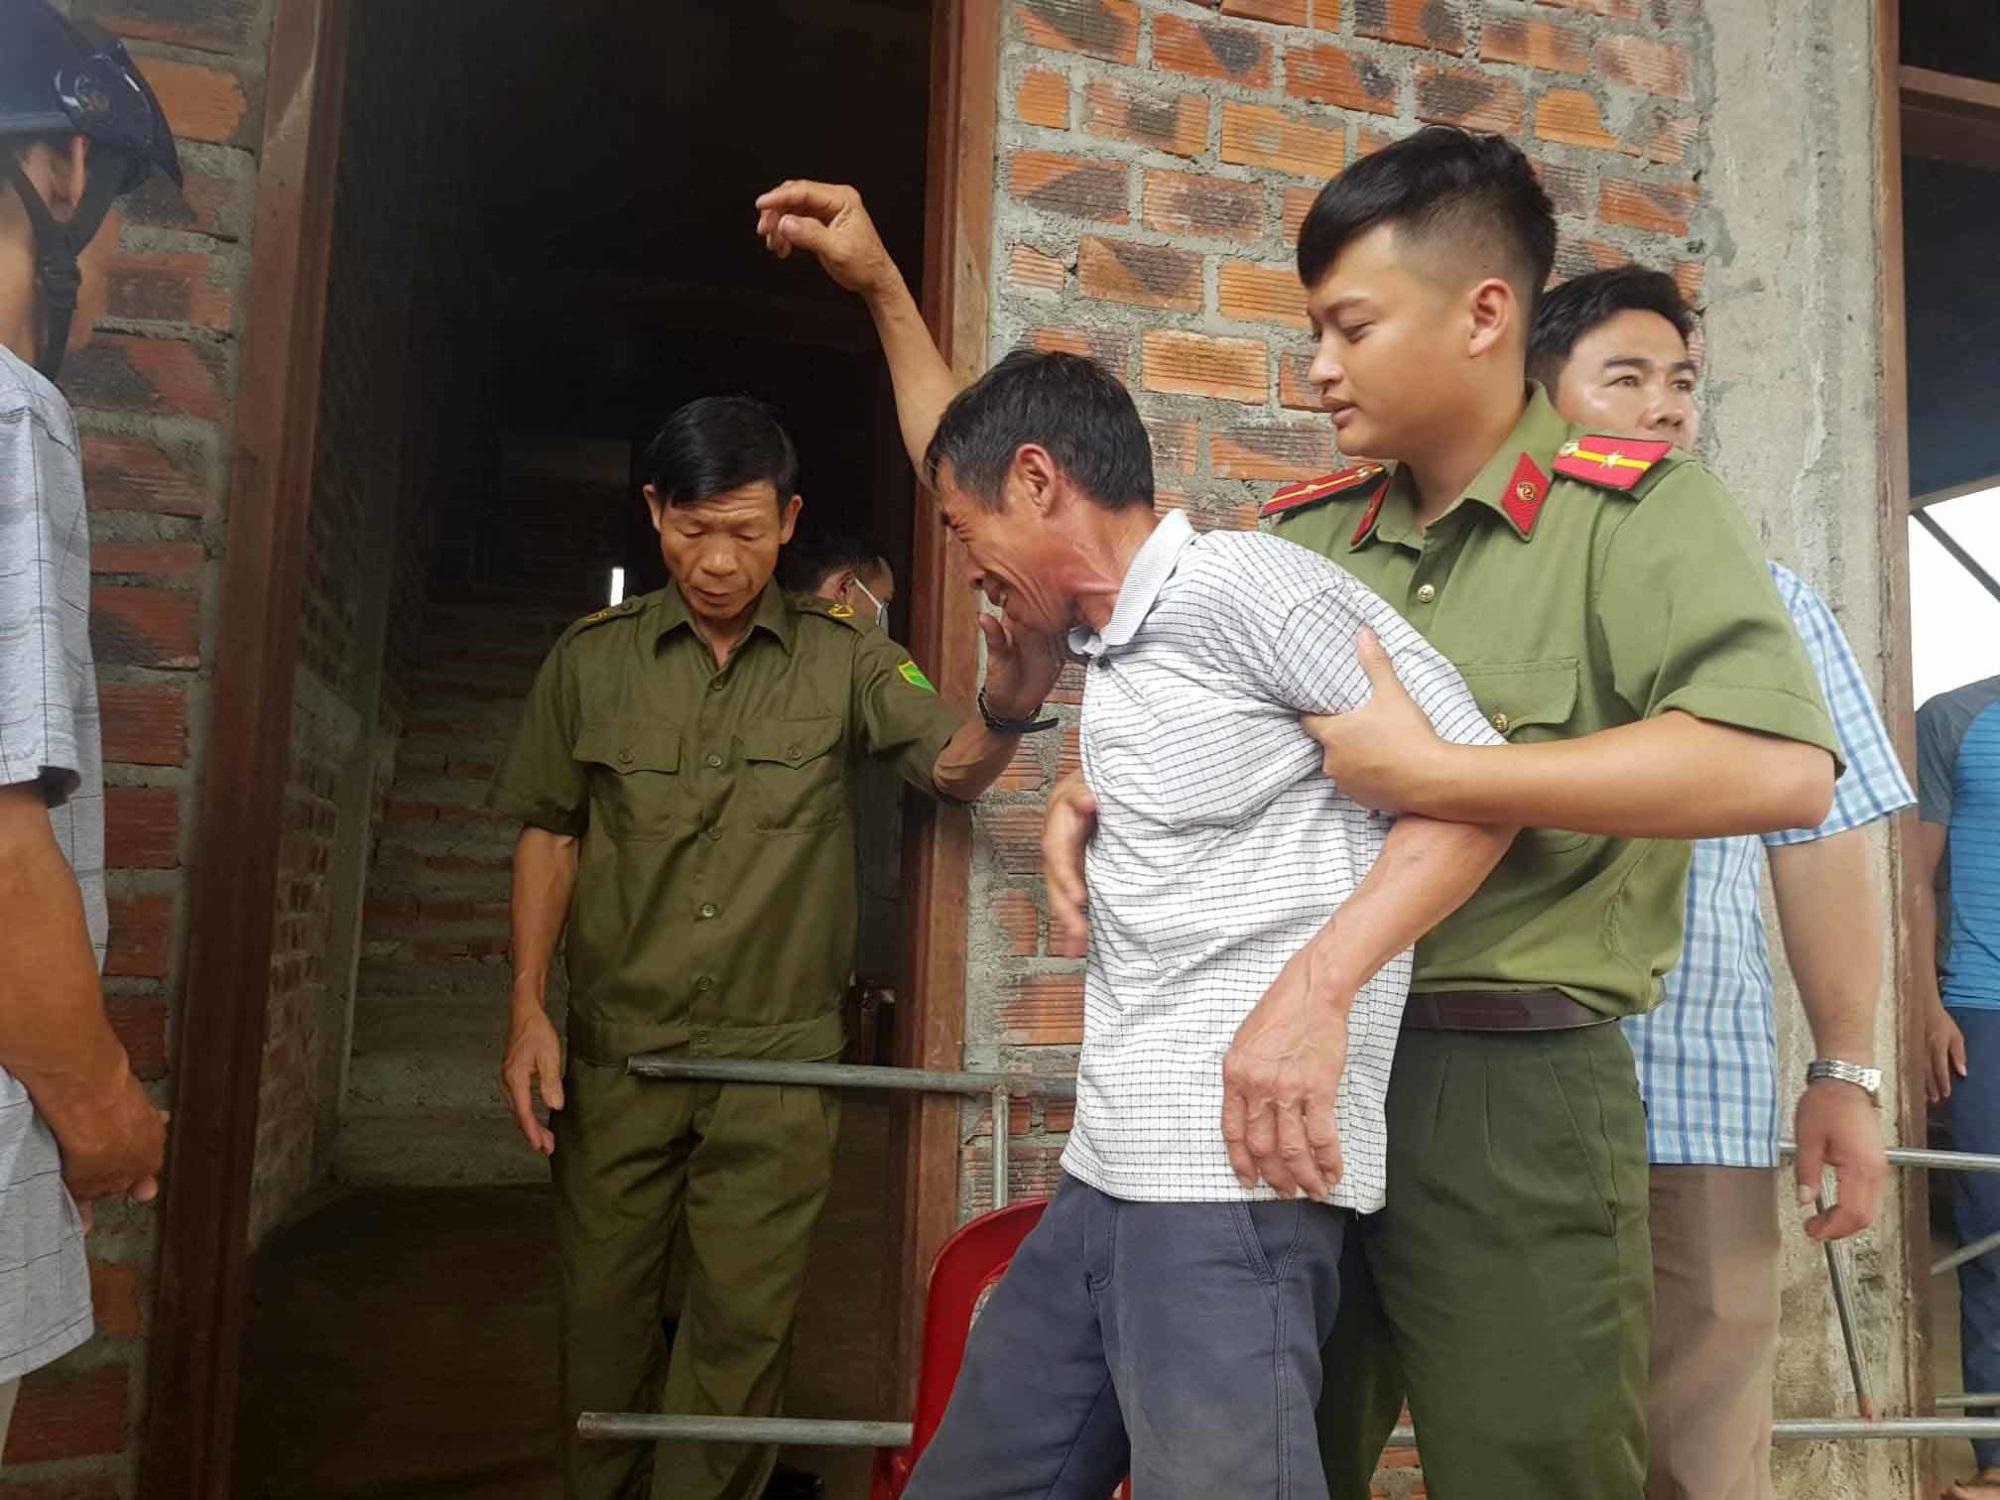 Chị gái khóc ngặt kể phút phát hiện gia đình em trai 4 người treo cổ - Ảnh 5